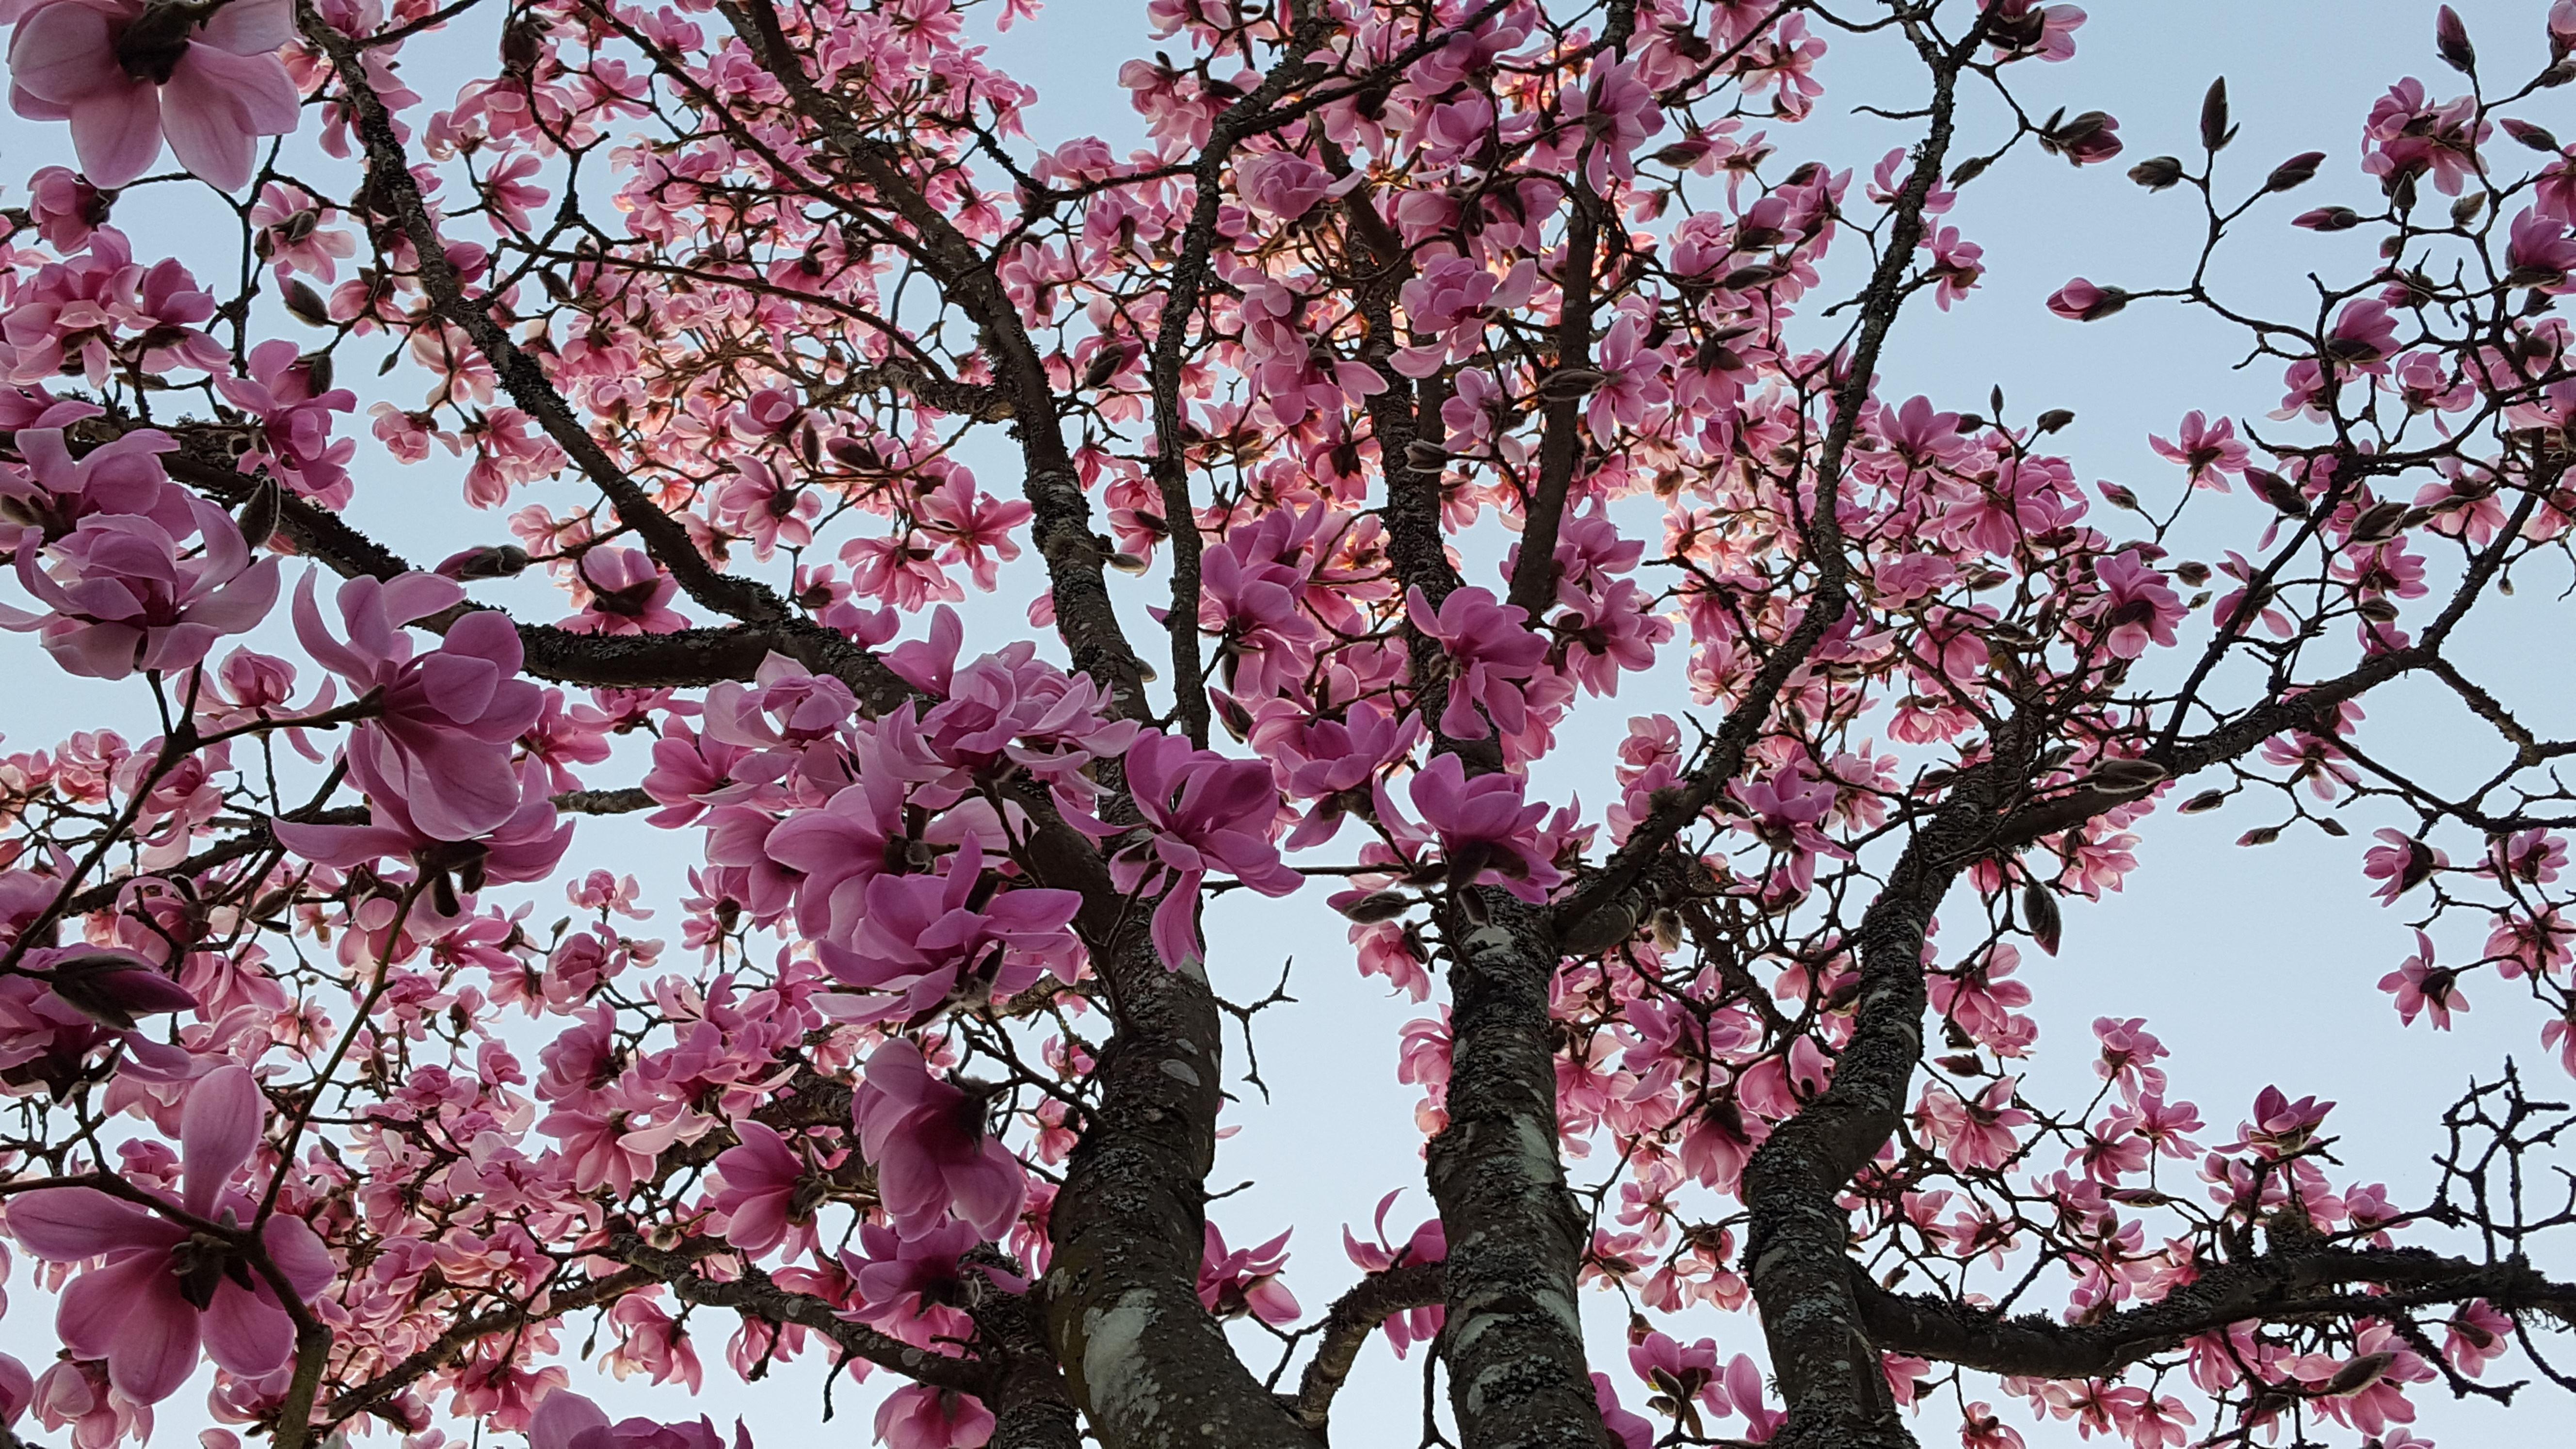 Magnus Carlström,  © Magnus Carlström, Träd i blomning